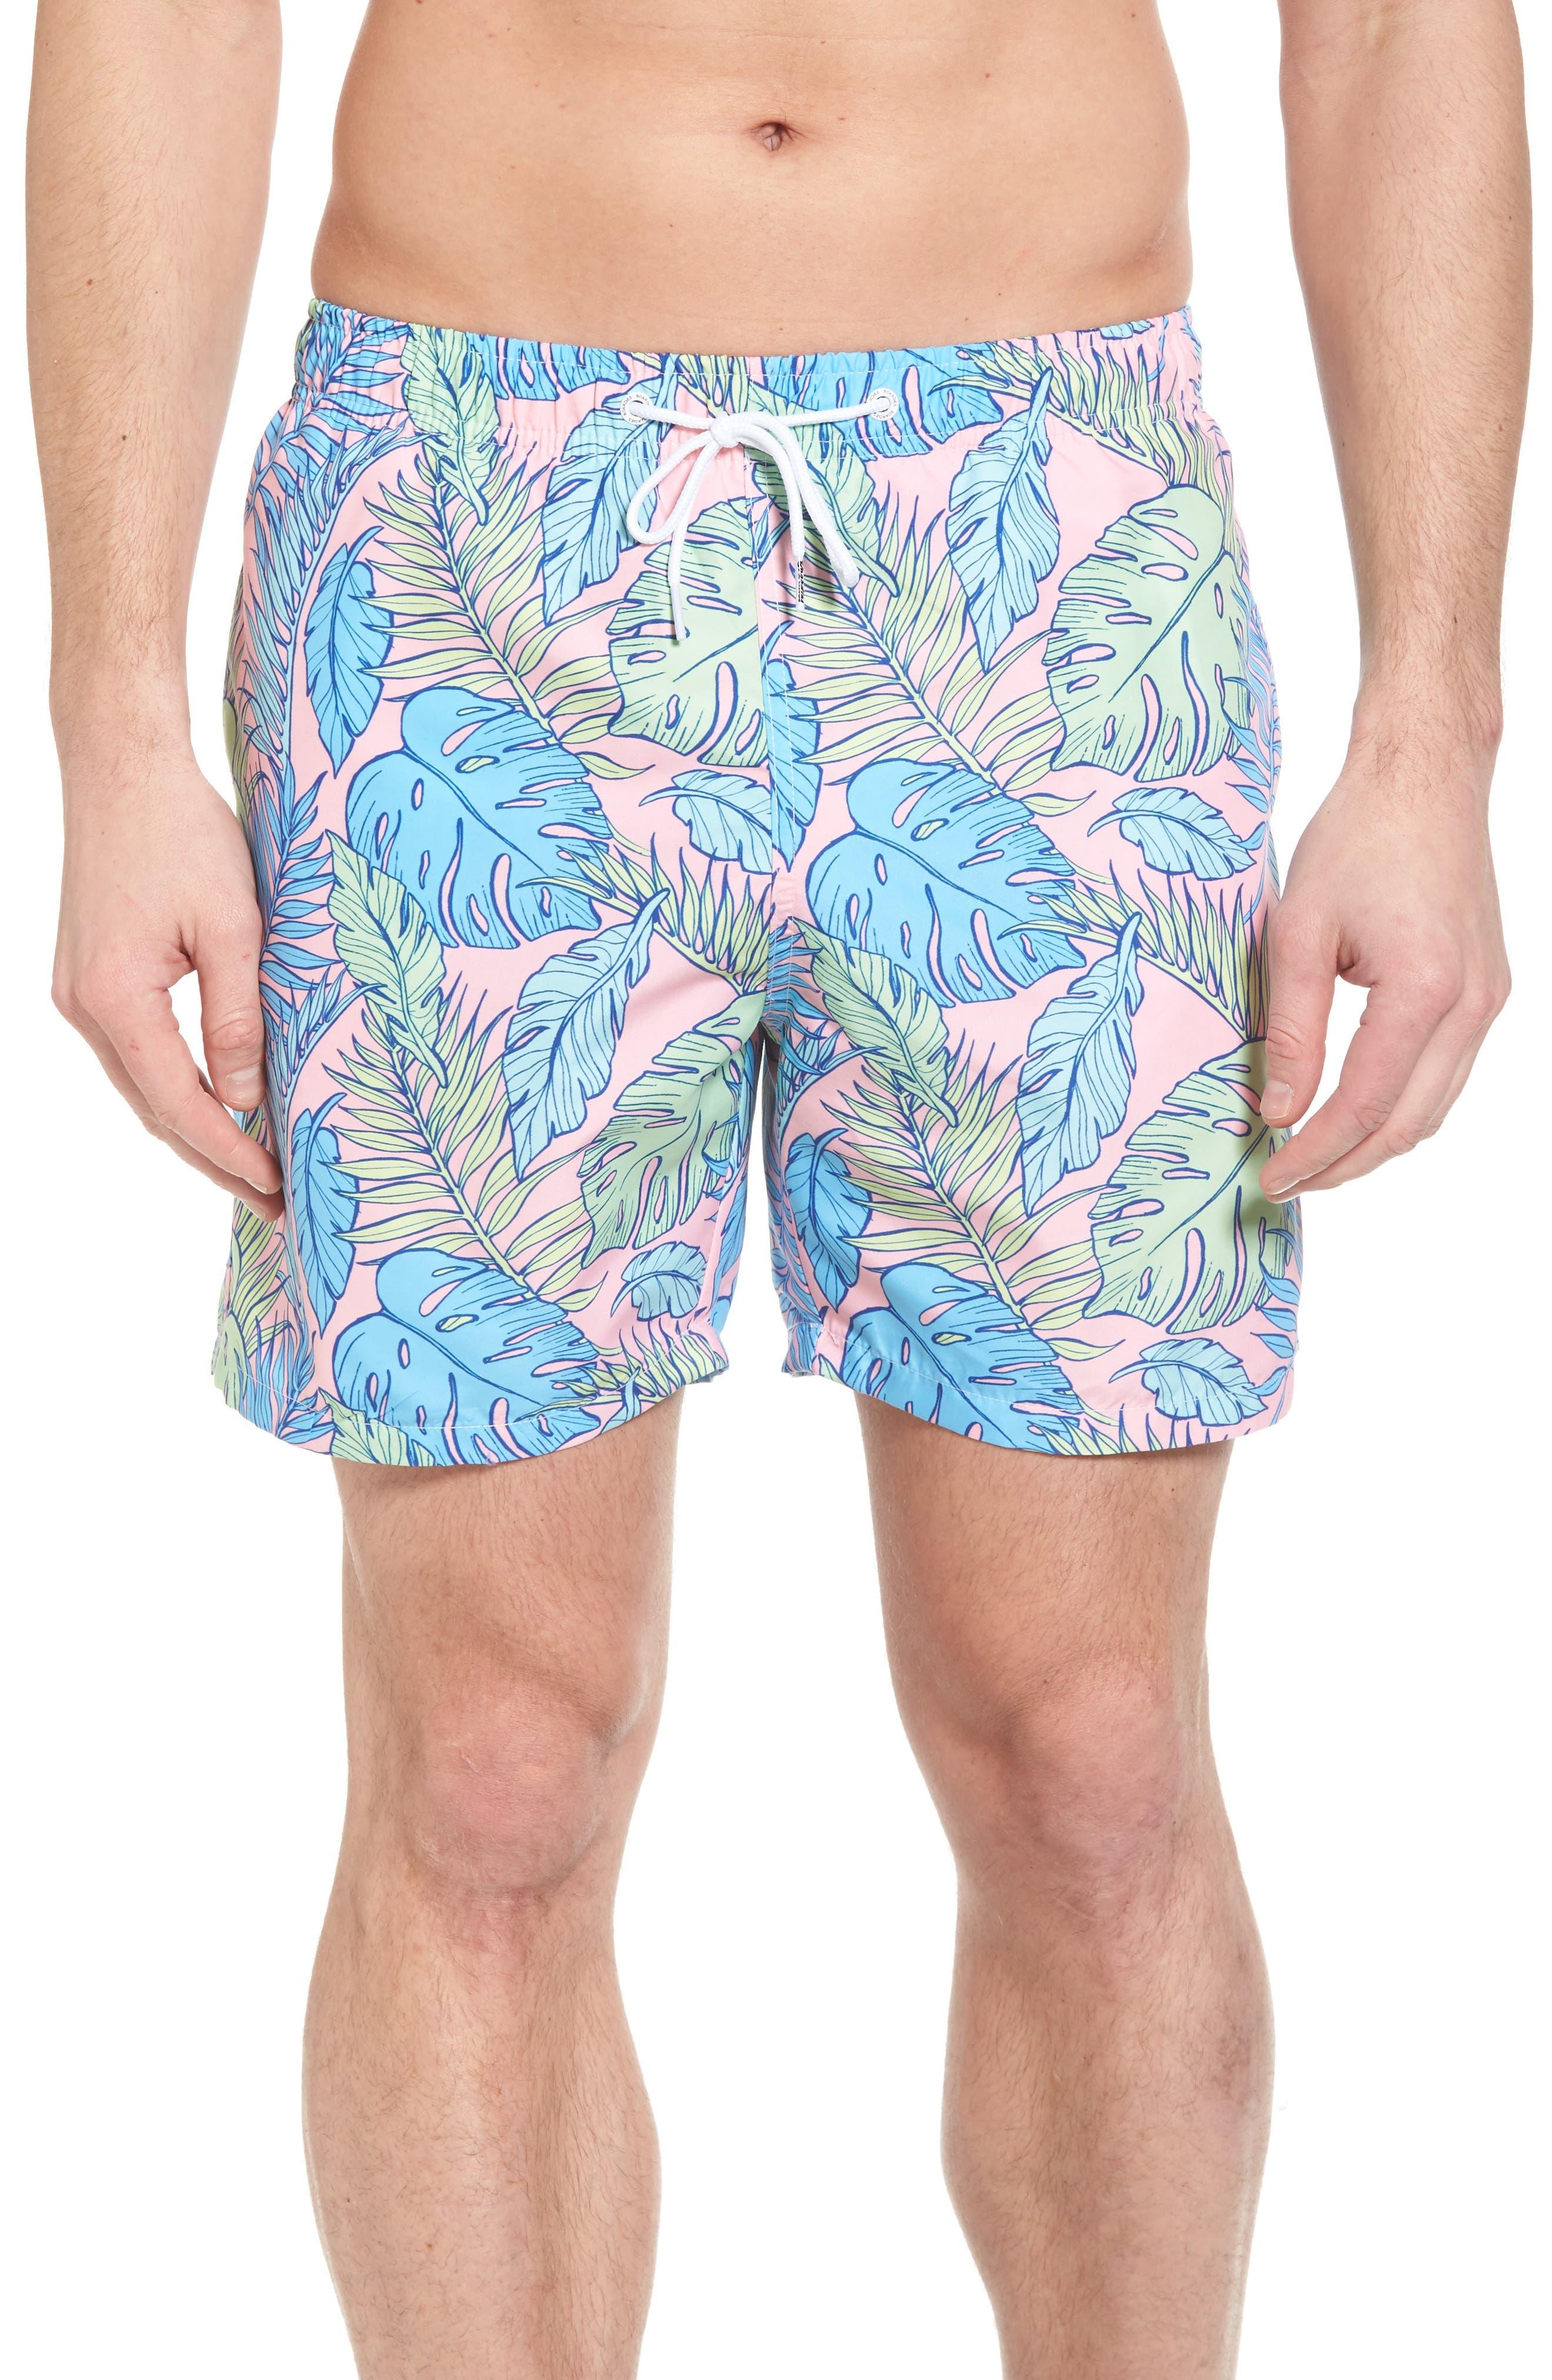 Palmtopia Swim Shorts,                             Main thumbnail 1, color,                             MULTI